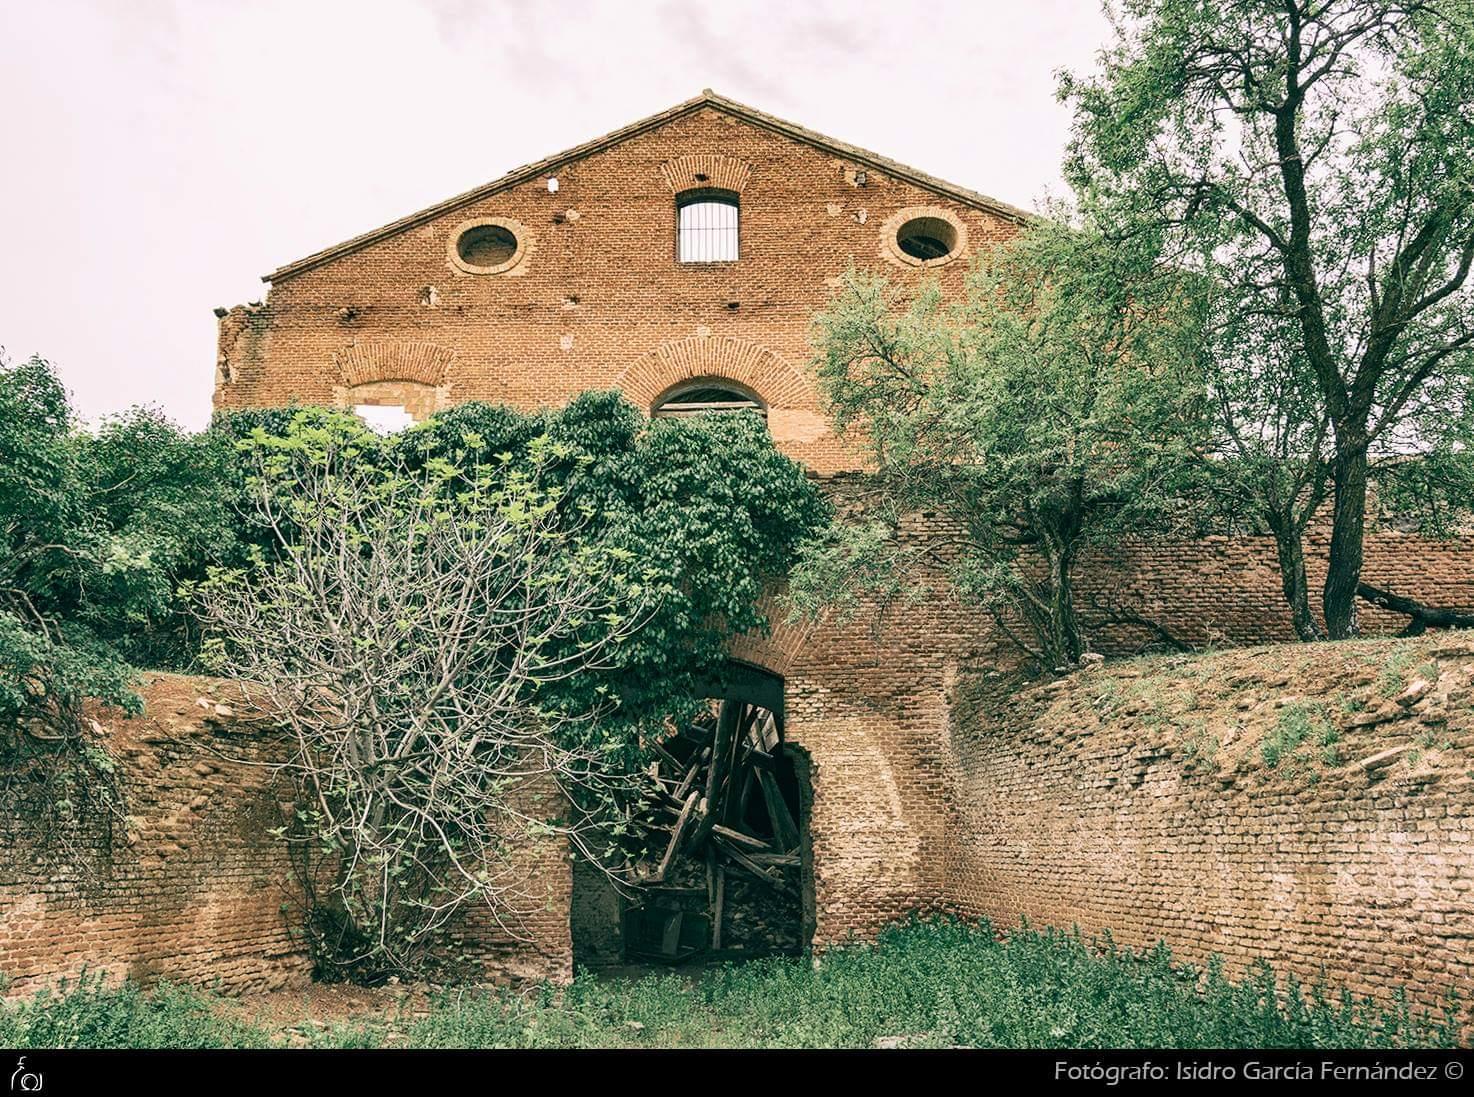 Bodega de Ceriola, de la finca de la Encomienda de Sacristanía. Foto de Isidro García Fernández